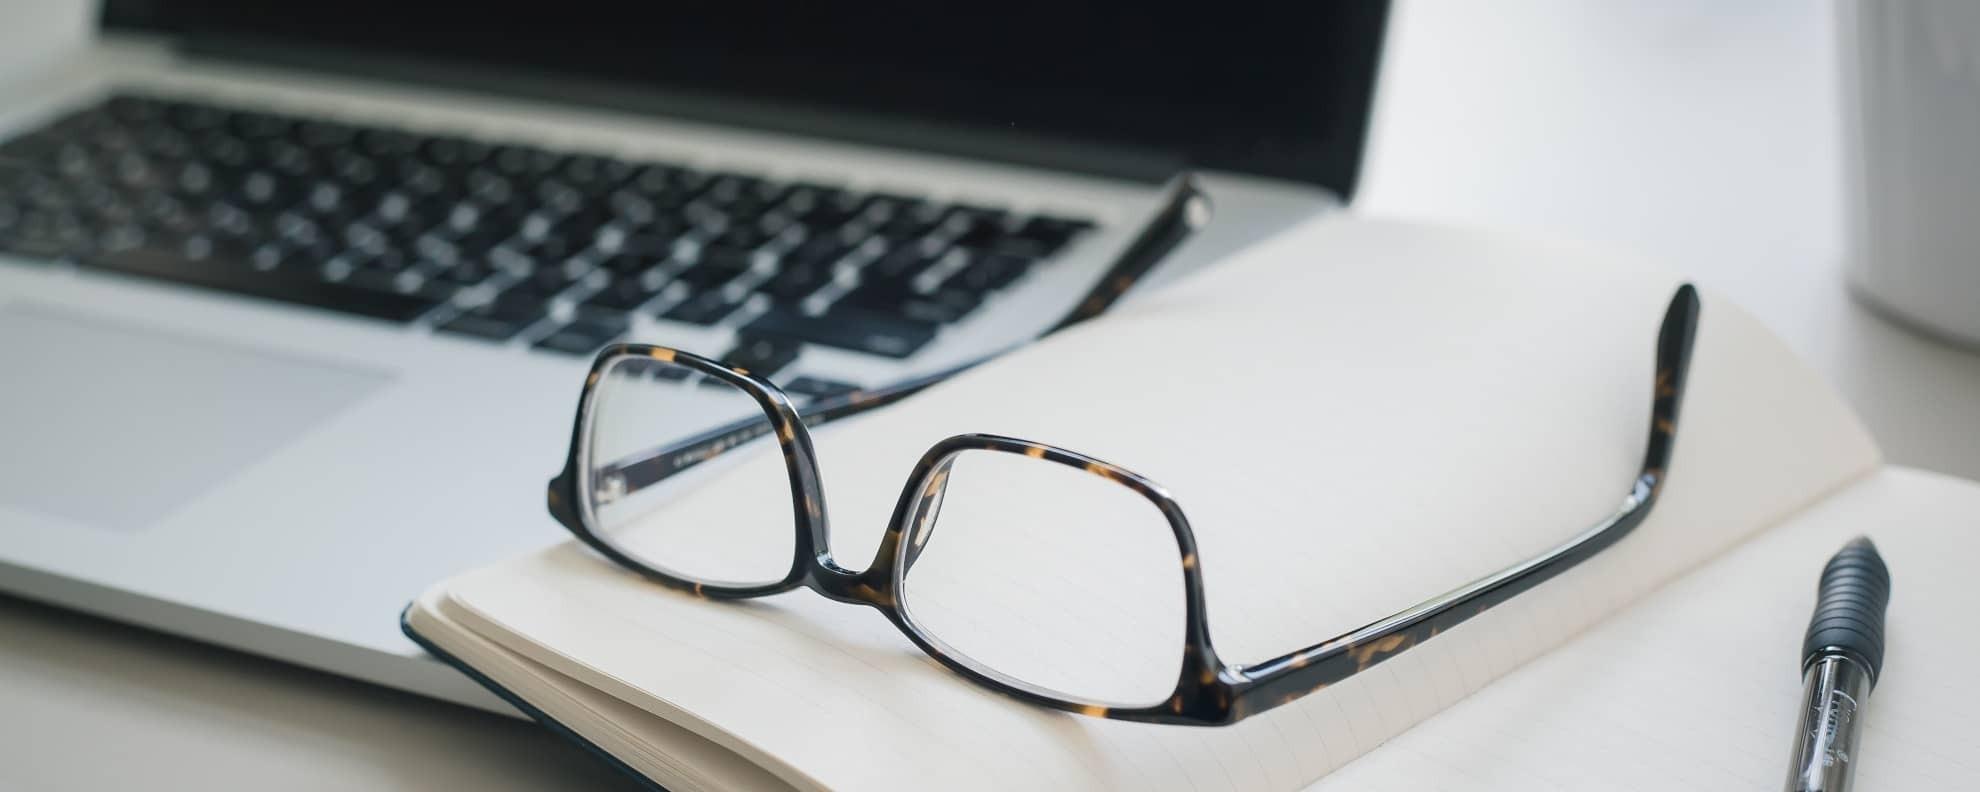 Drehbuch schreiben: 5 Tipps für angehende Autoren